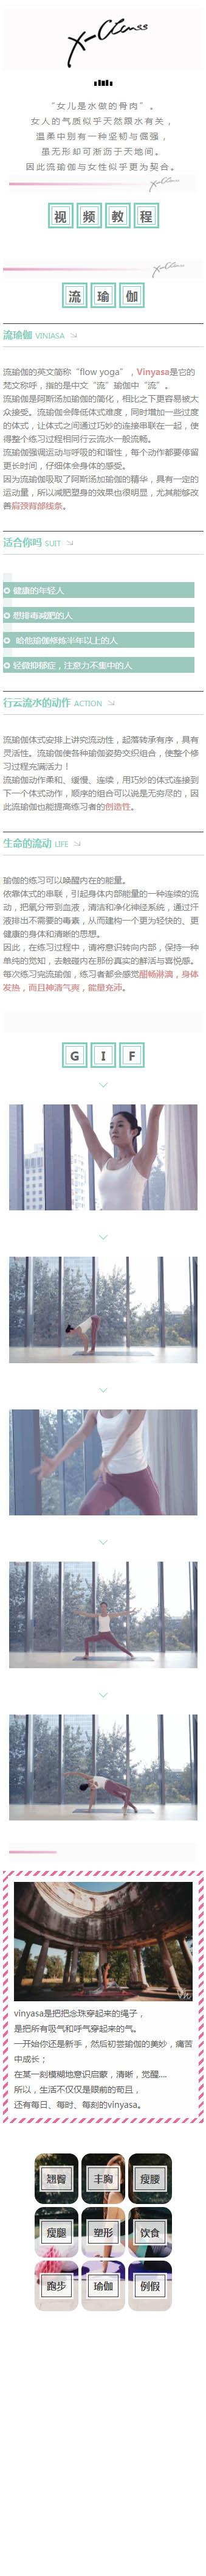 舞蹈学校艺考集训课程招生微信公众号文章模板